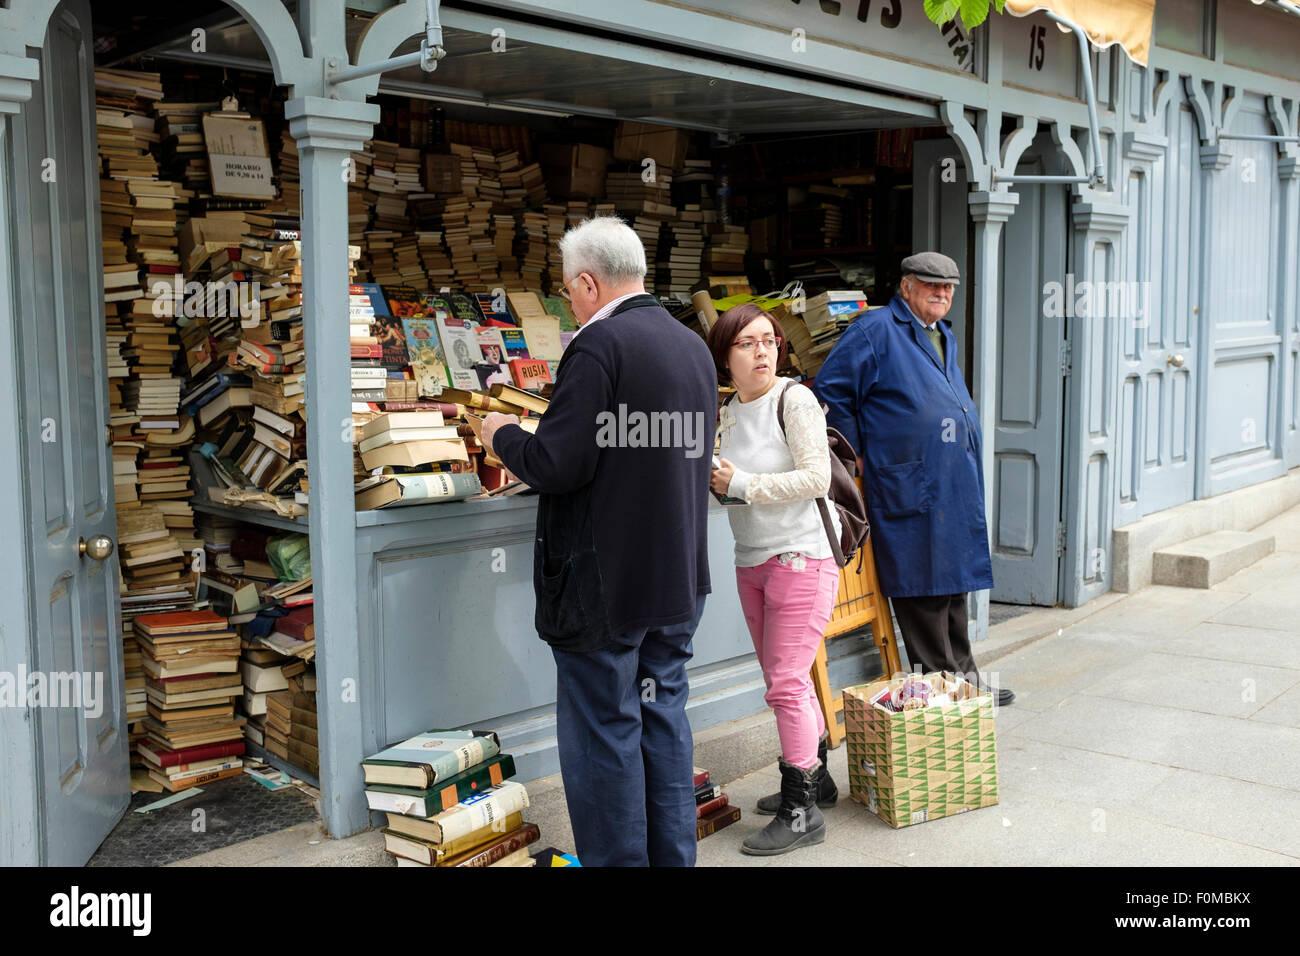 Customers browsing at the Cuesta de Moyano, Book Fair, in Madrid Spain. - Stock Image